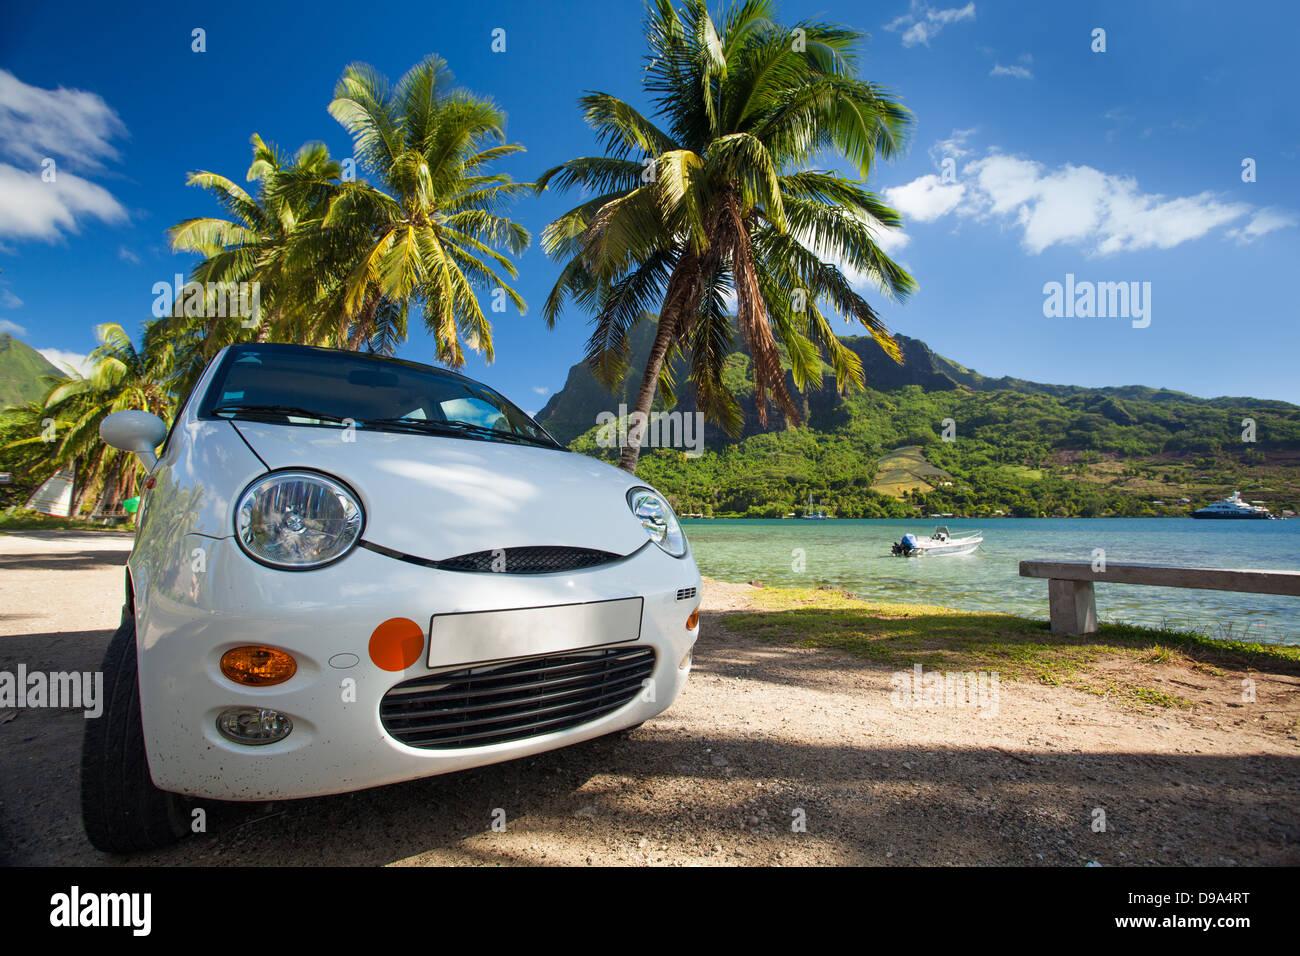 Viaje en coche alrededor de las playas de isla tropical en día soleado Imagen De Stock